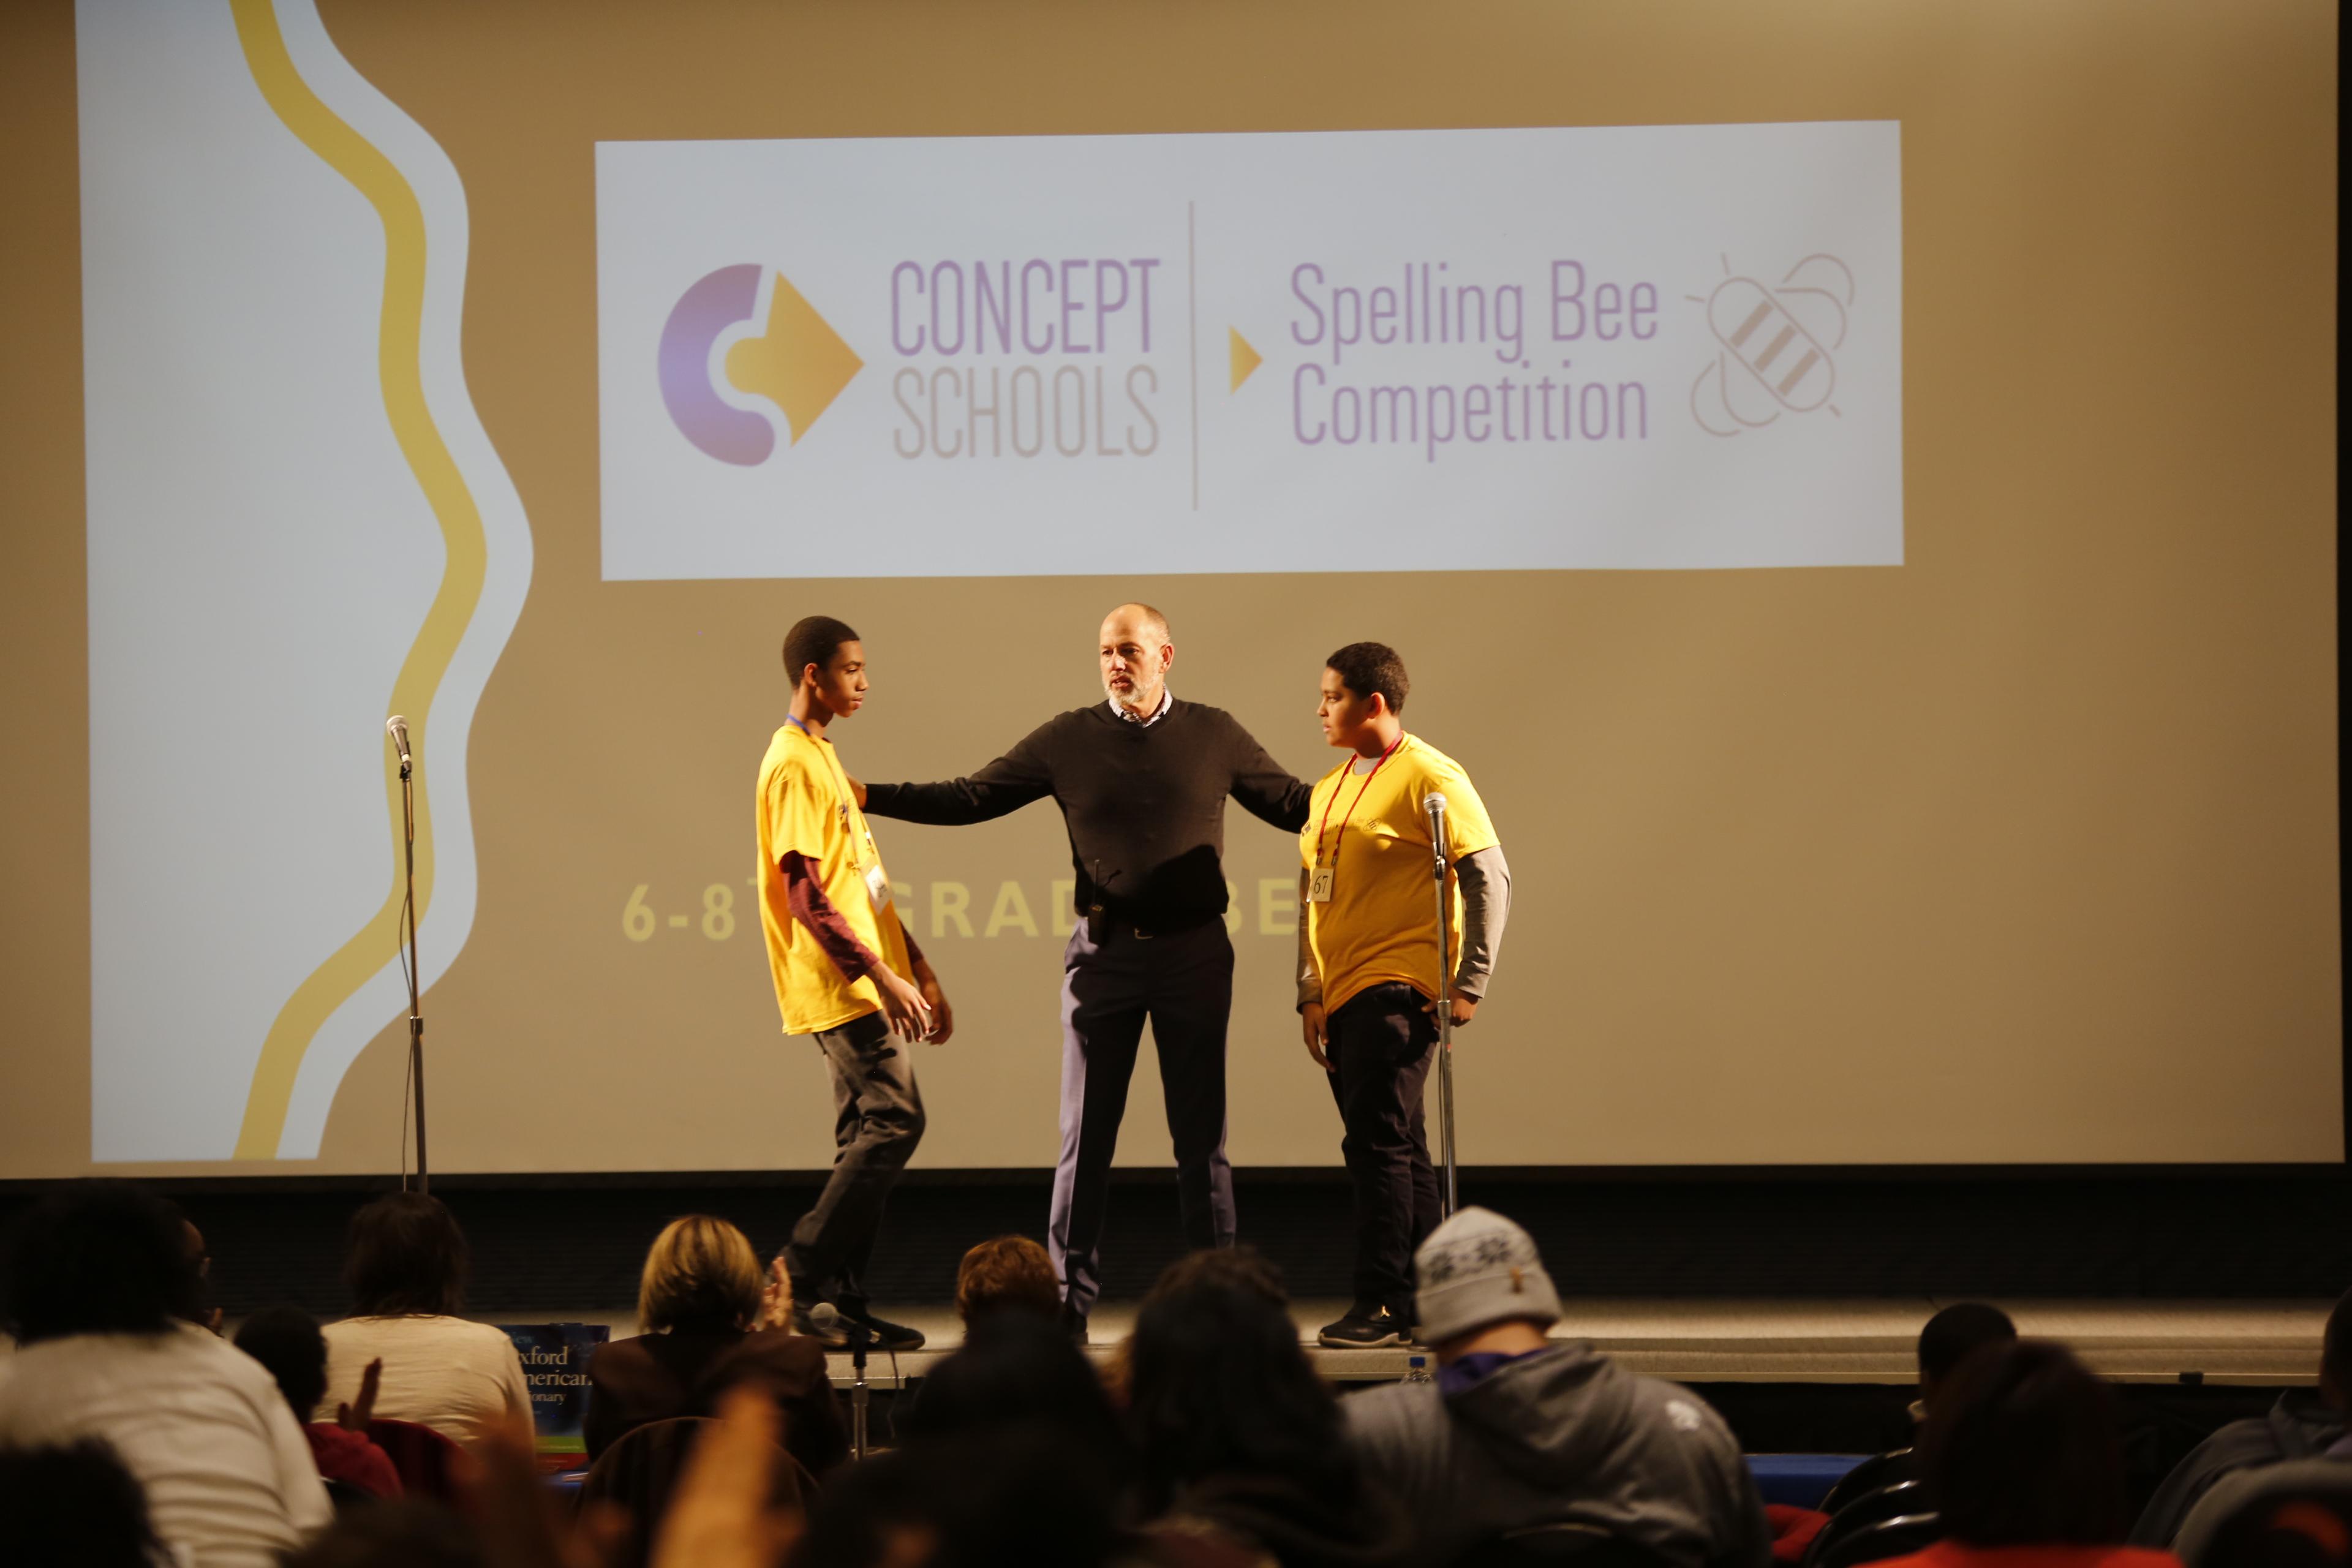 spelling-bee-concept-schools58